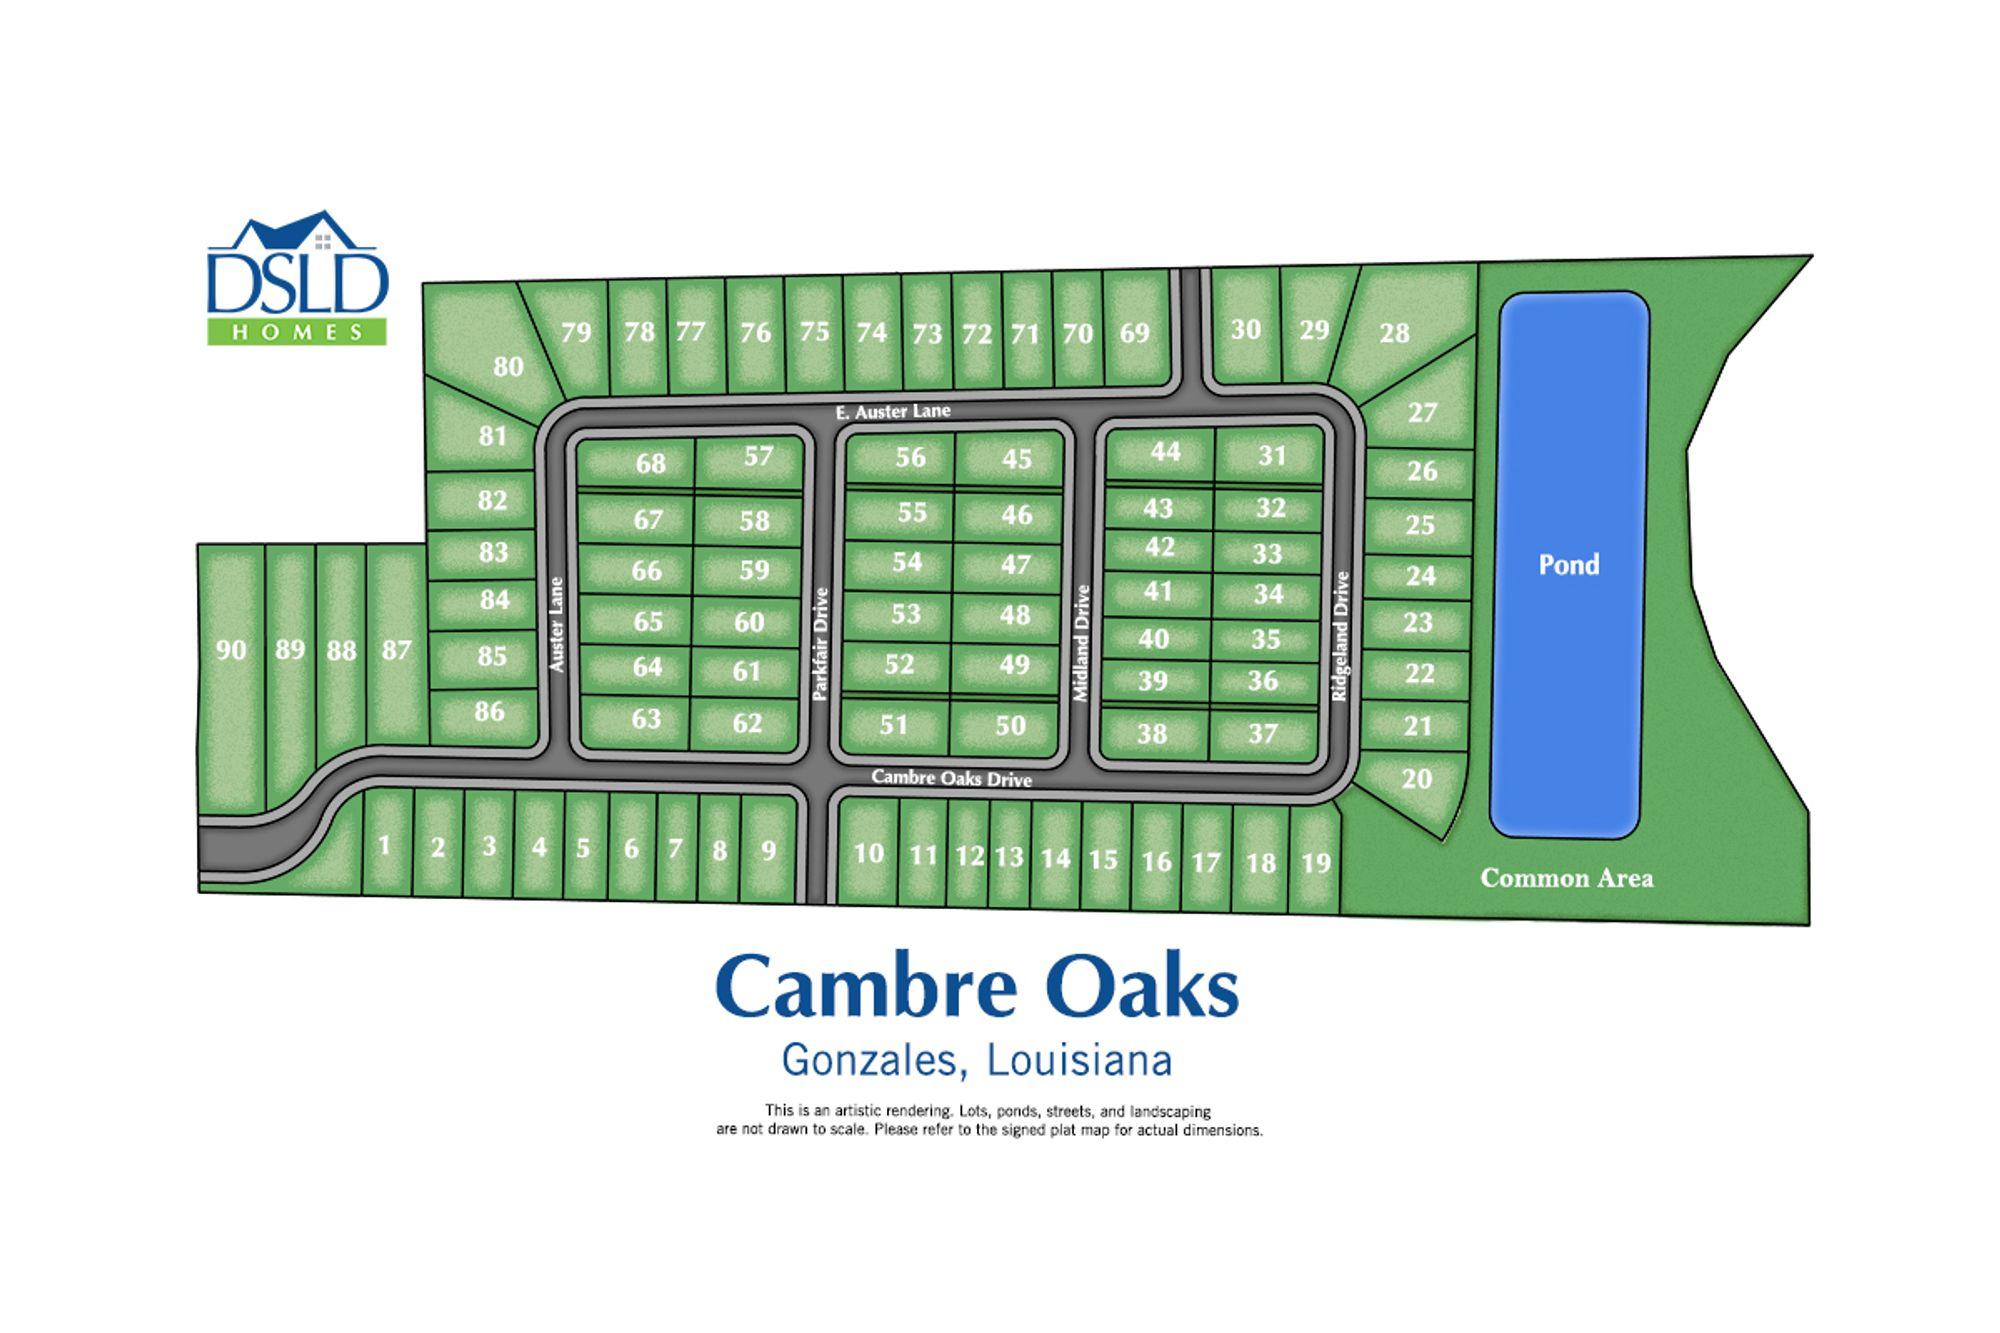 Cambre Oaks